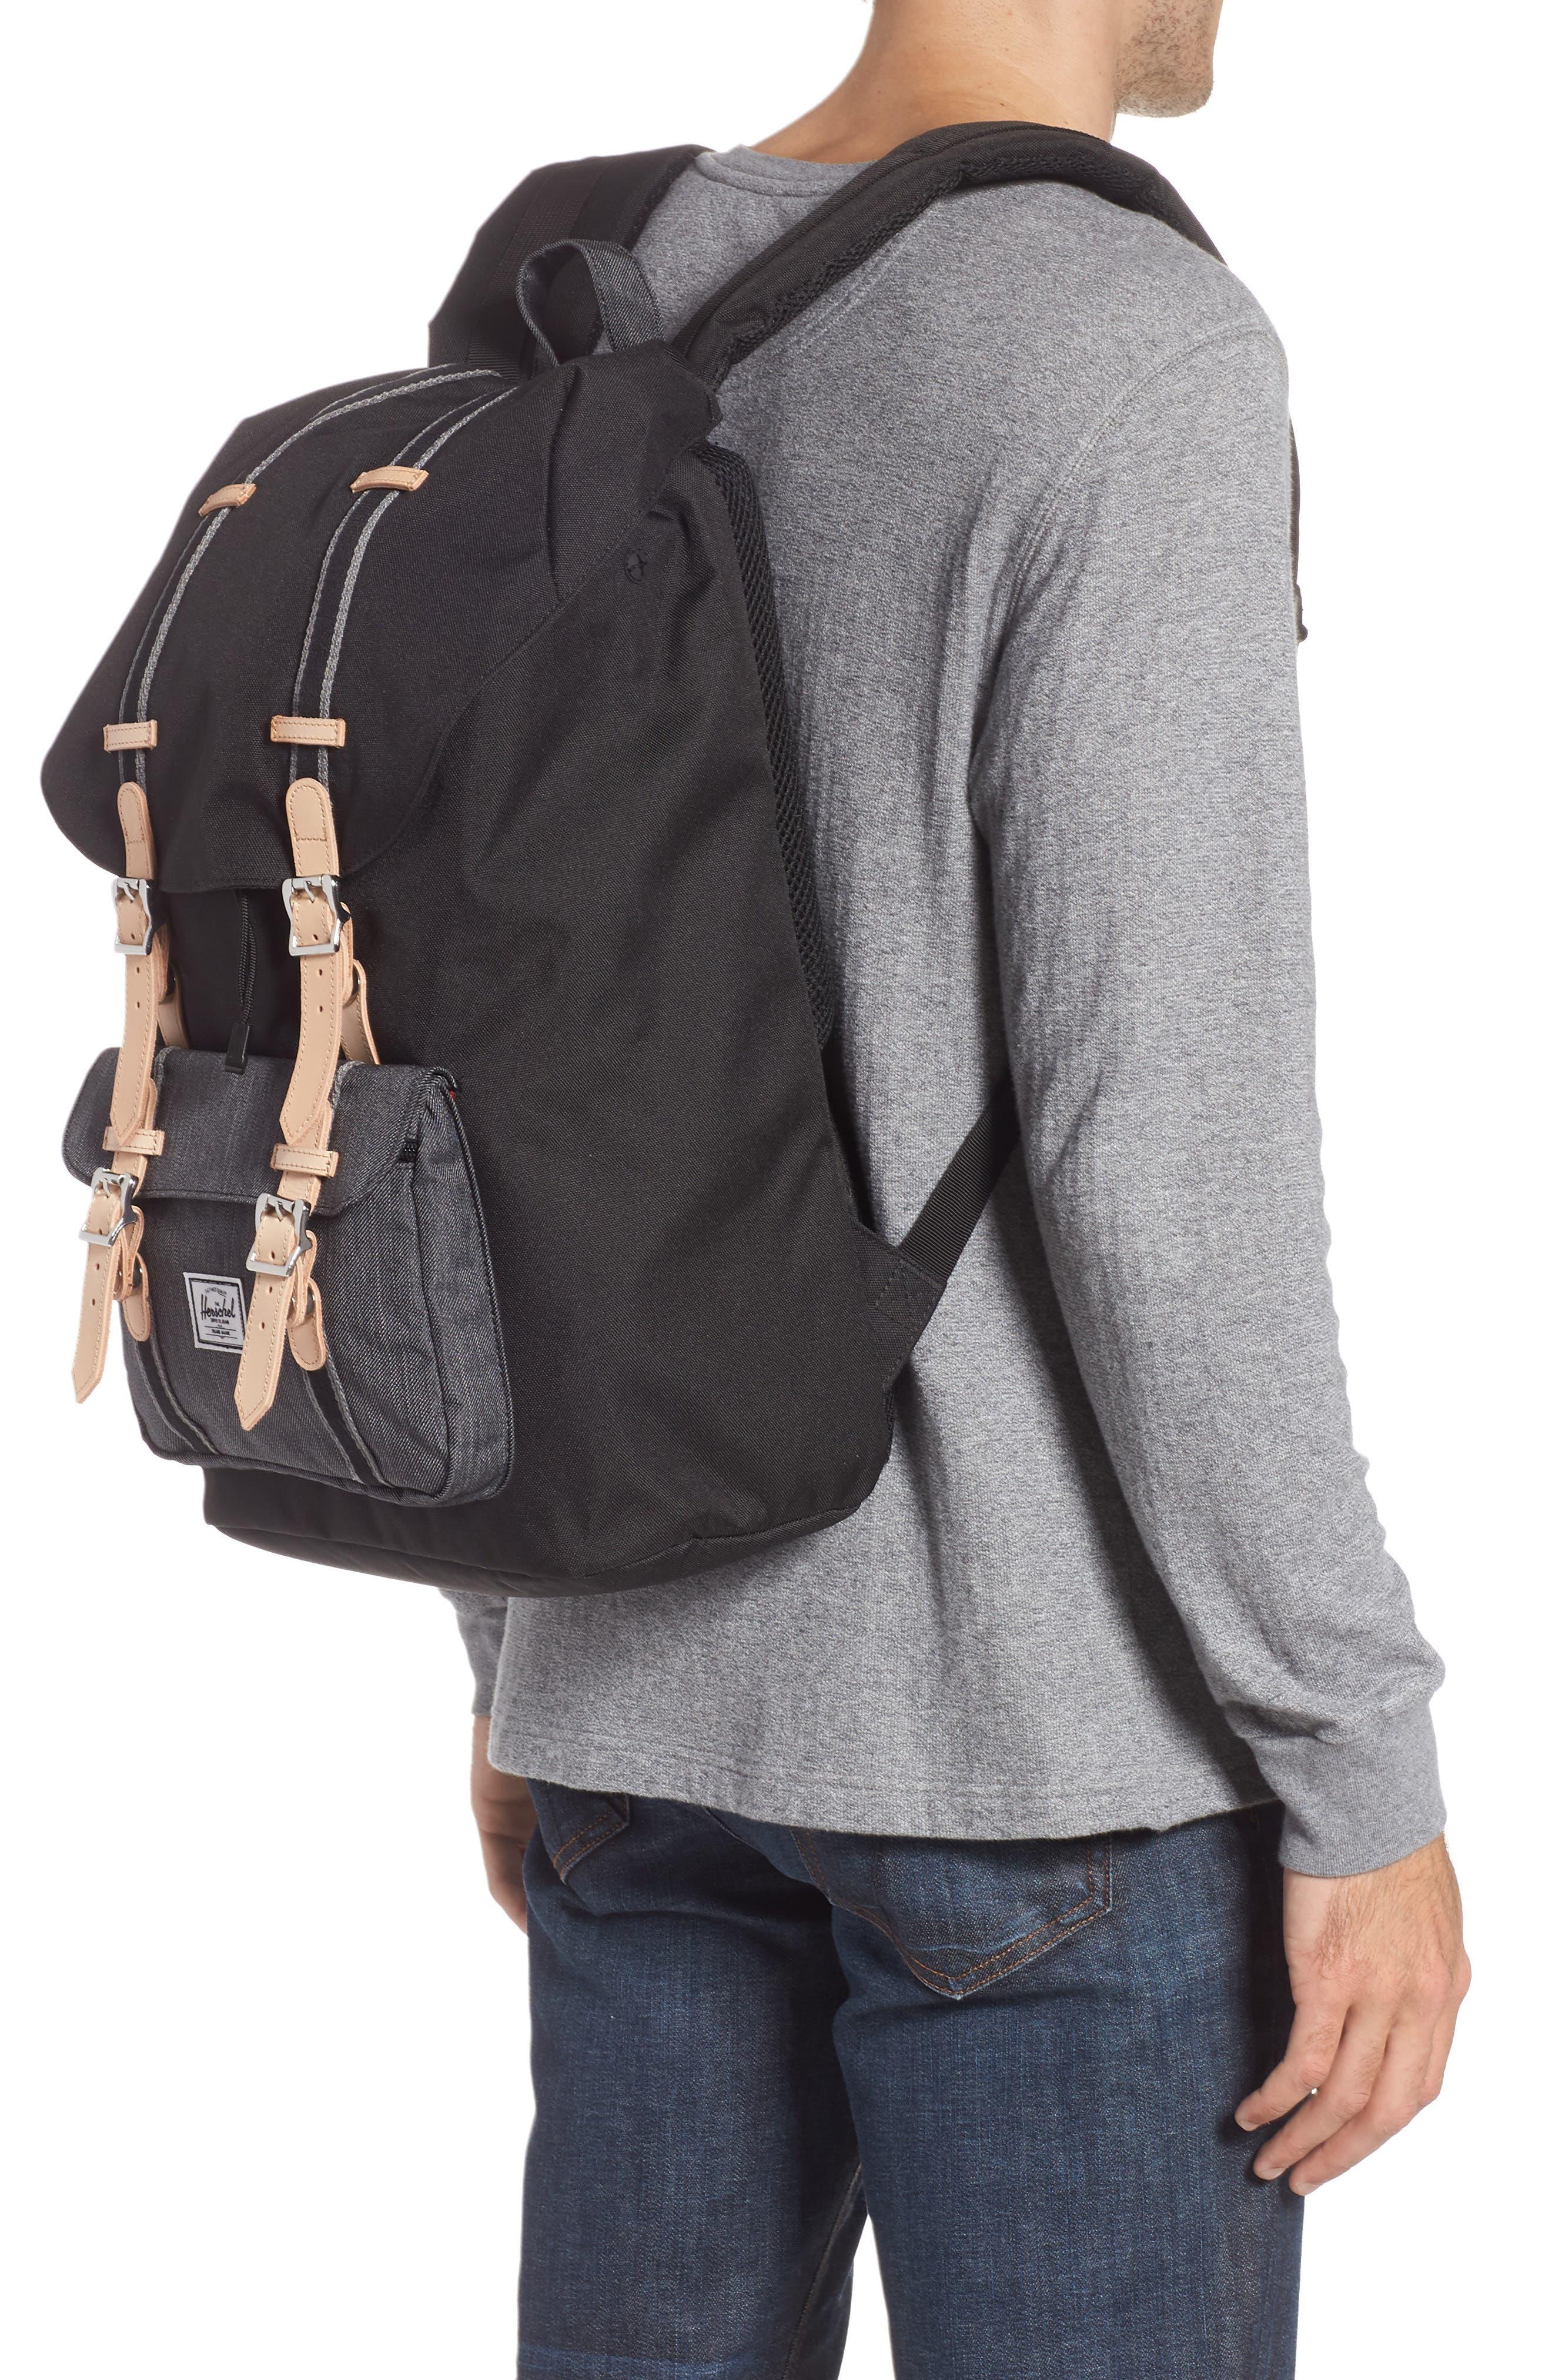 Little America Offset Backpack,                             Alternate thumbnail 2, color,                             BLACK/ BLACK DENIM